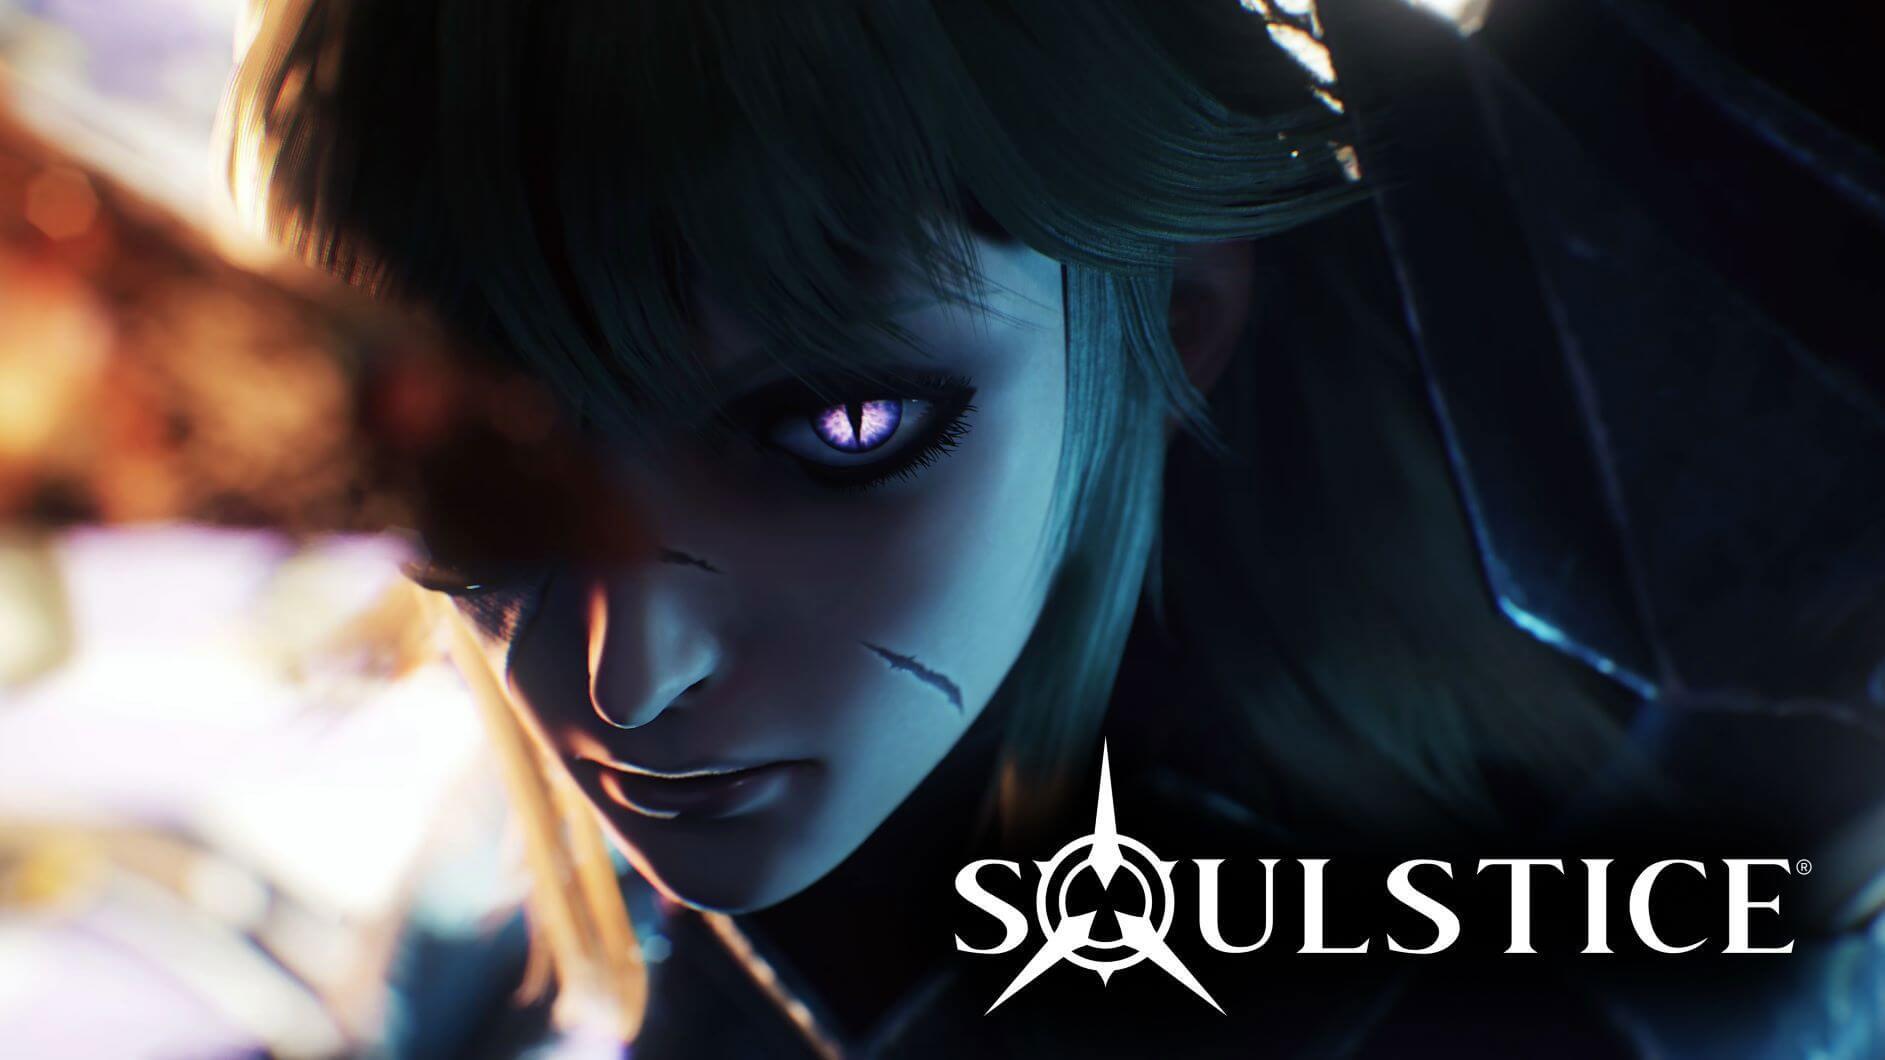 El oscuro RPG de acción Soulstice llegará a PS5 en 2022